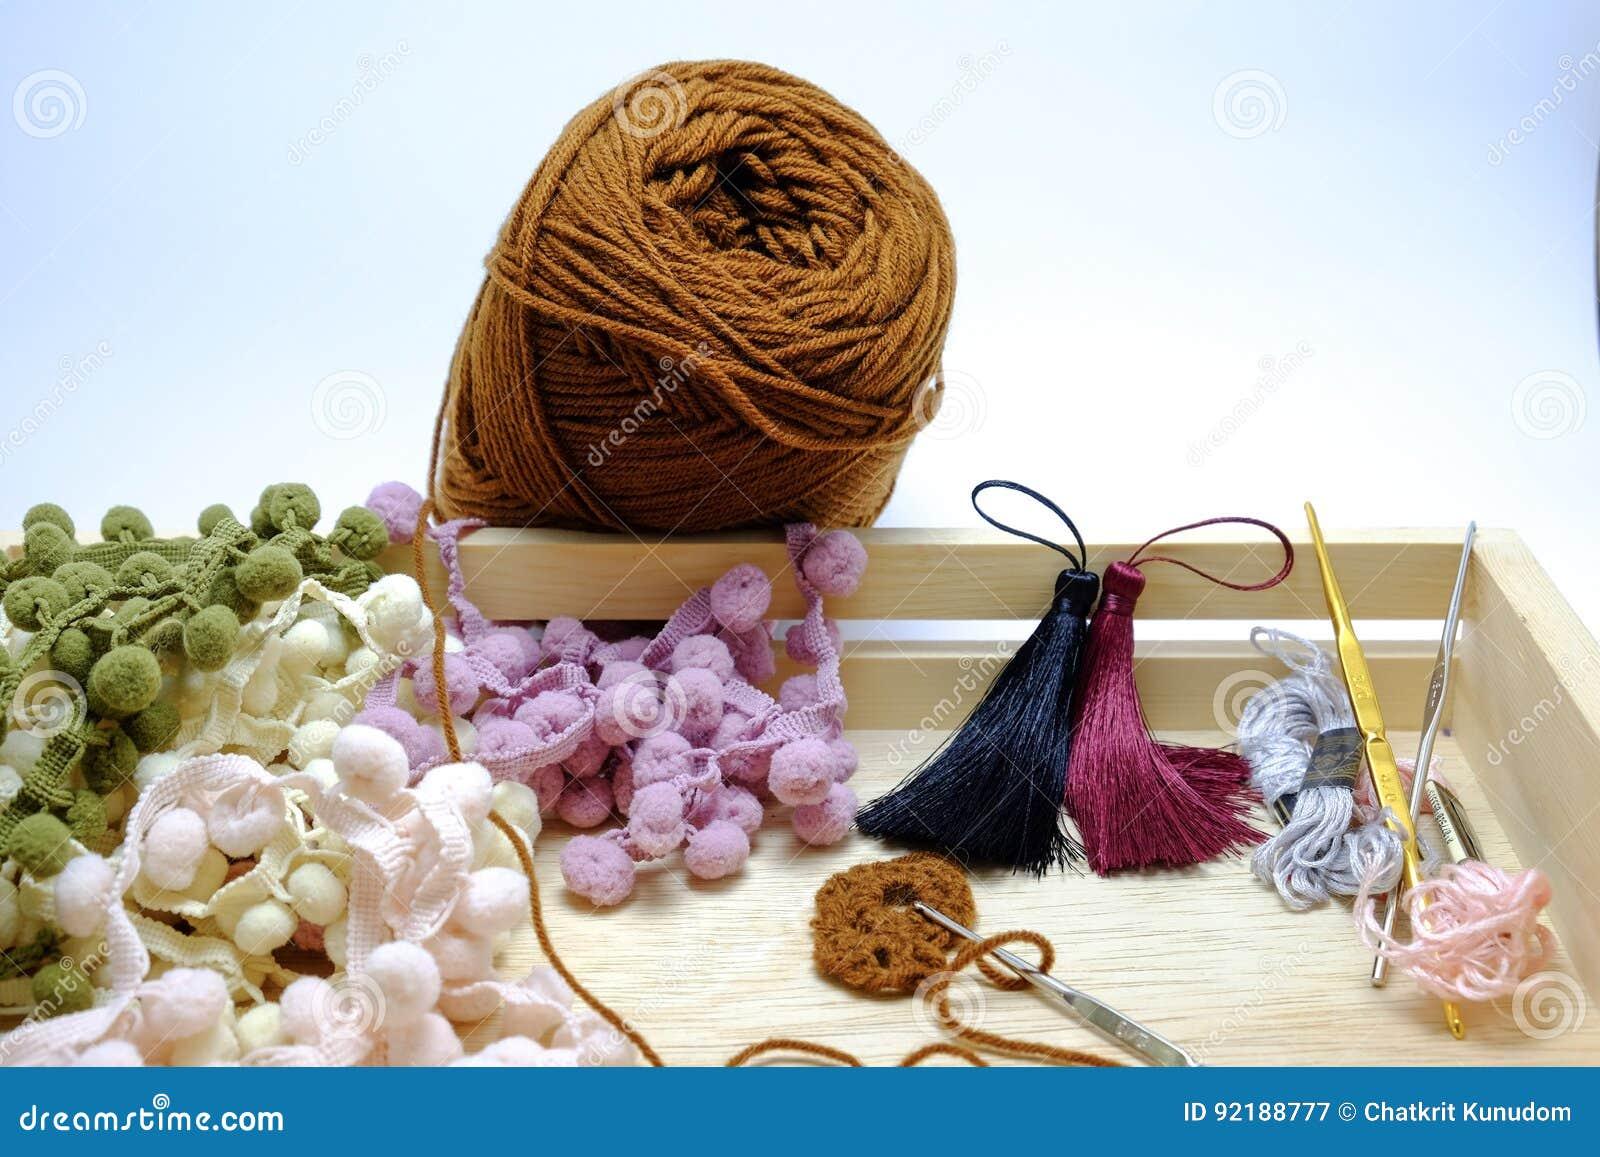 Uma cesta de faz crochê o fio, a borla e a agulha de crochê